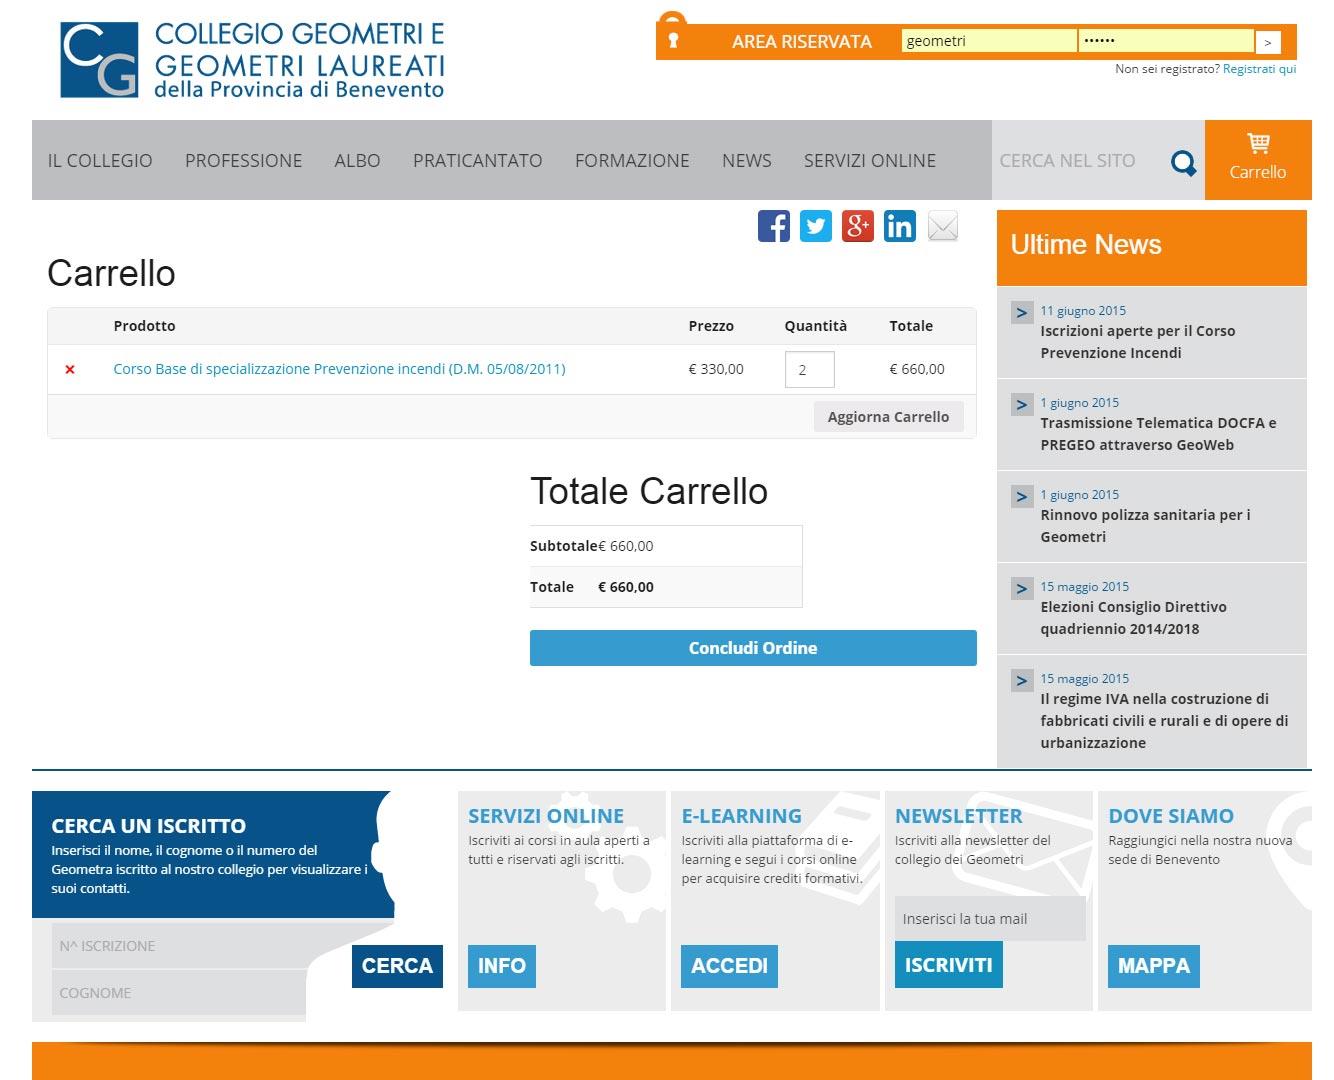 Collegio Geometri Benevento, portale professionisti